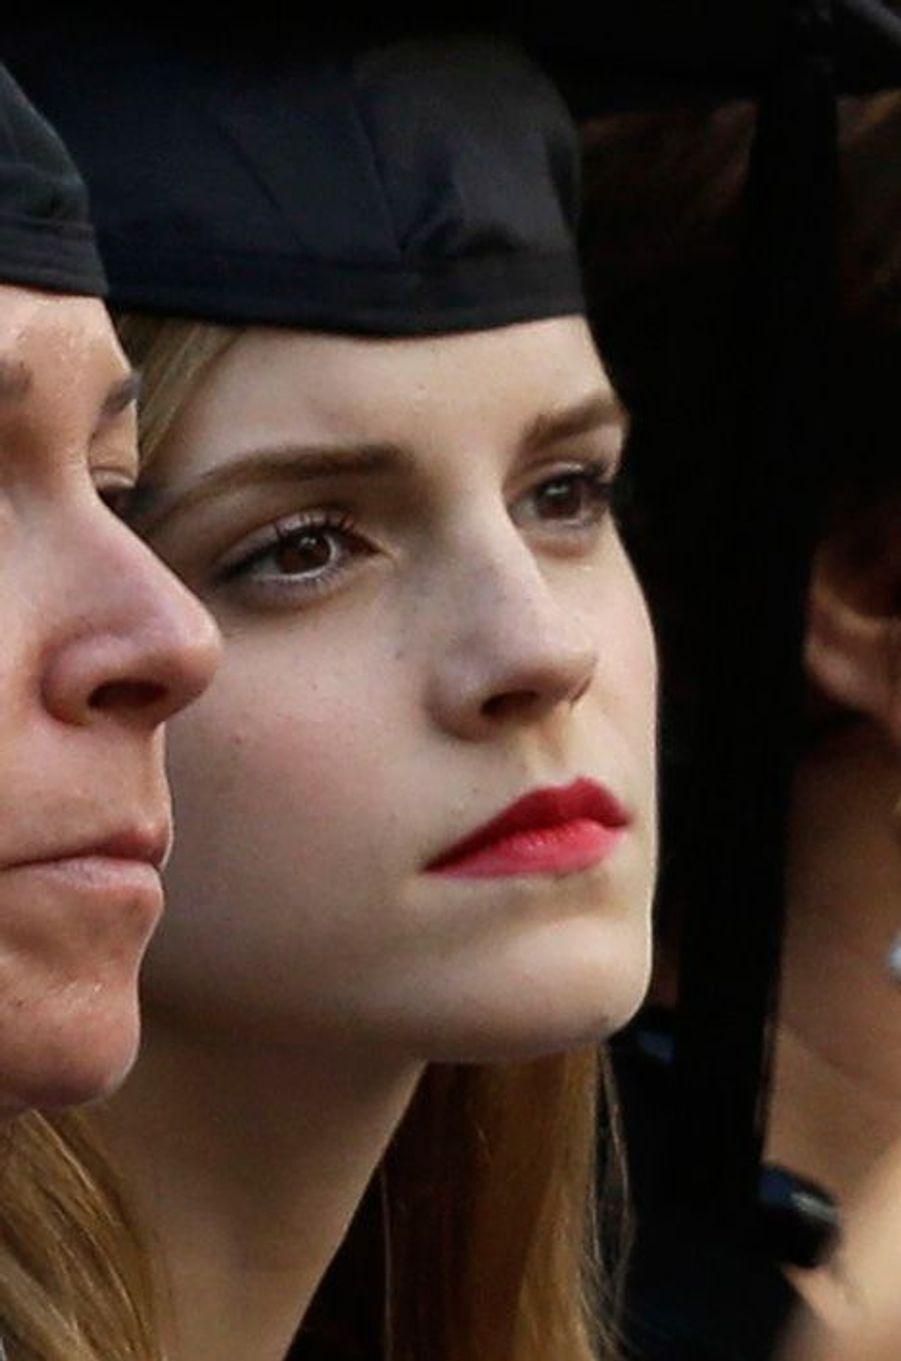 Après avoir écumé les bancs de Poudlard, Emma Watson a été diplômée dimanche dernier à l'université américaine de Brown en littérature anglaise. Celle qui interprétait Hermione Granger dans la saga «Harry Potter» s'était inscrite dans la prestigieuse école en 2009, tout en continuant à mener sa carrière d'actrice. Fière de son parcours, le jeune femme de 24 ans a publiée une photo d'elle sur son compte Twitter, coiffée du chapeau des jeunes diplômés.